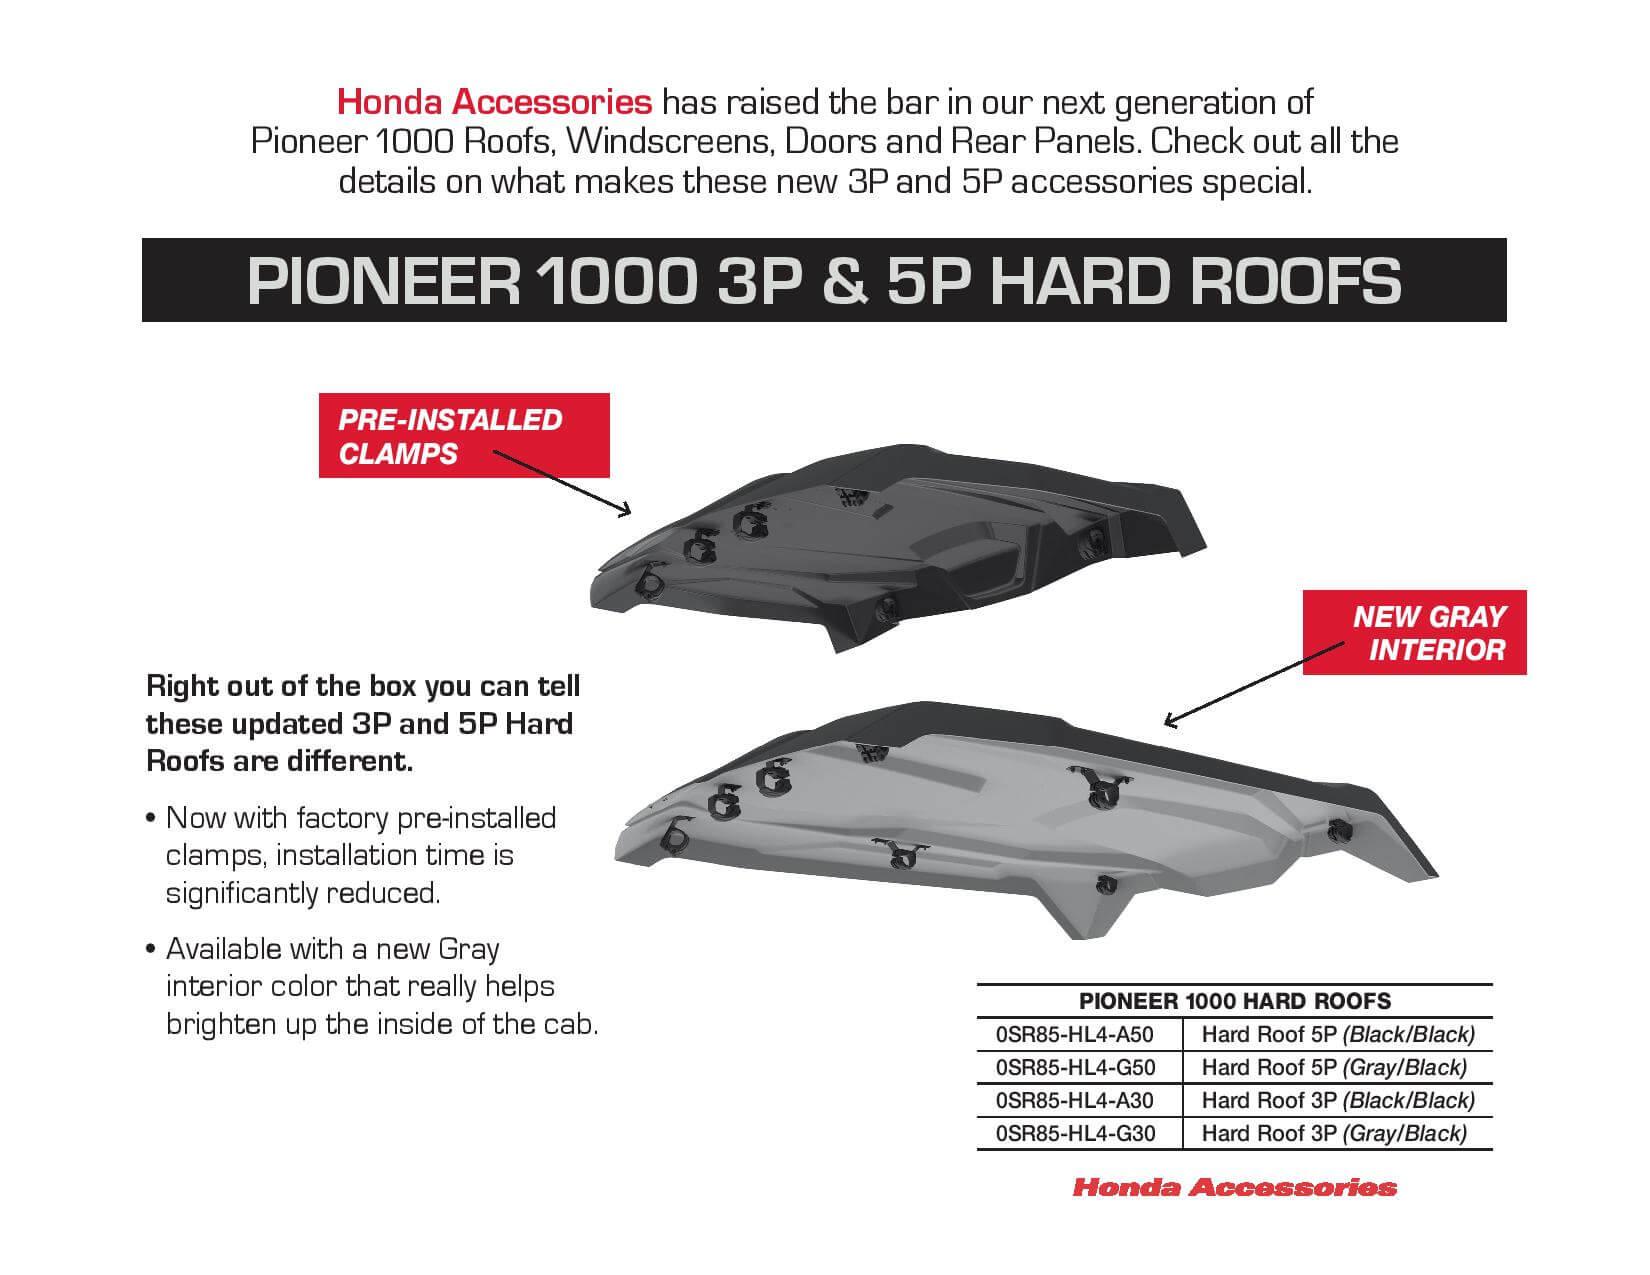 2021 Honda Pioneer 1000 & 1000-5 Hard Roof / Tops | 0SR85-HL4-A50 / 0SR85-HL4-G50 / 0SR85-HL4-A30 / 0SR85-HL4-G30